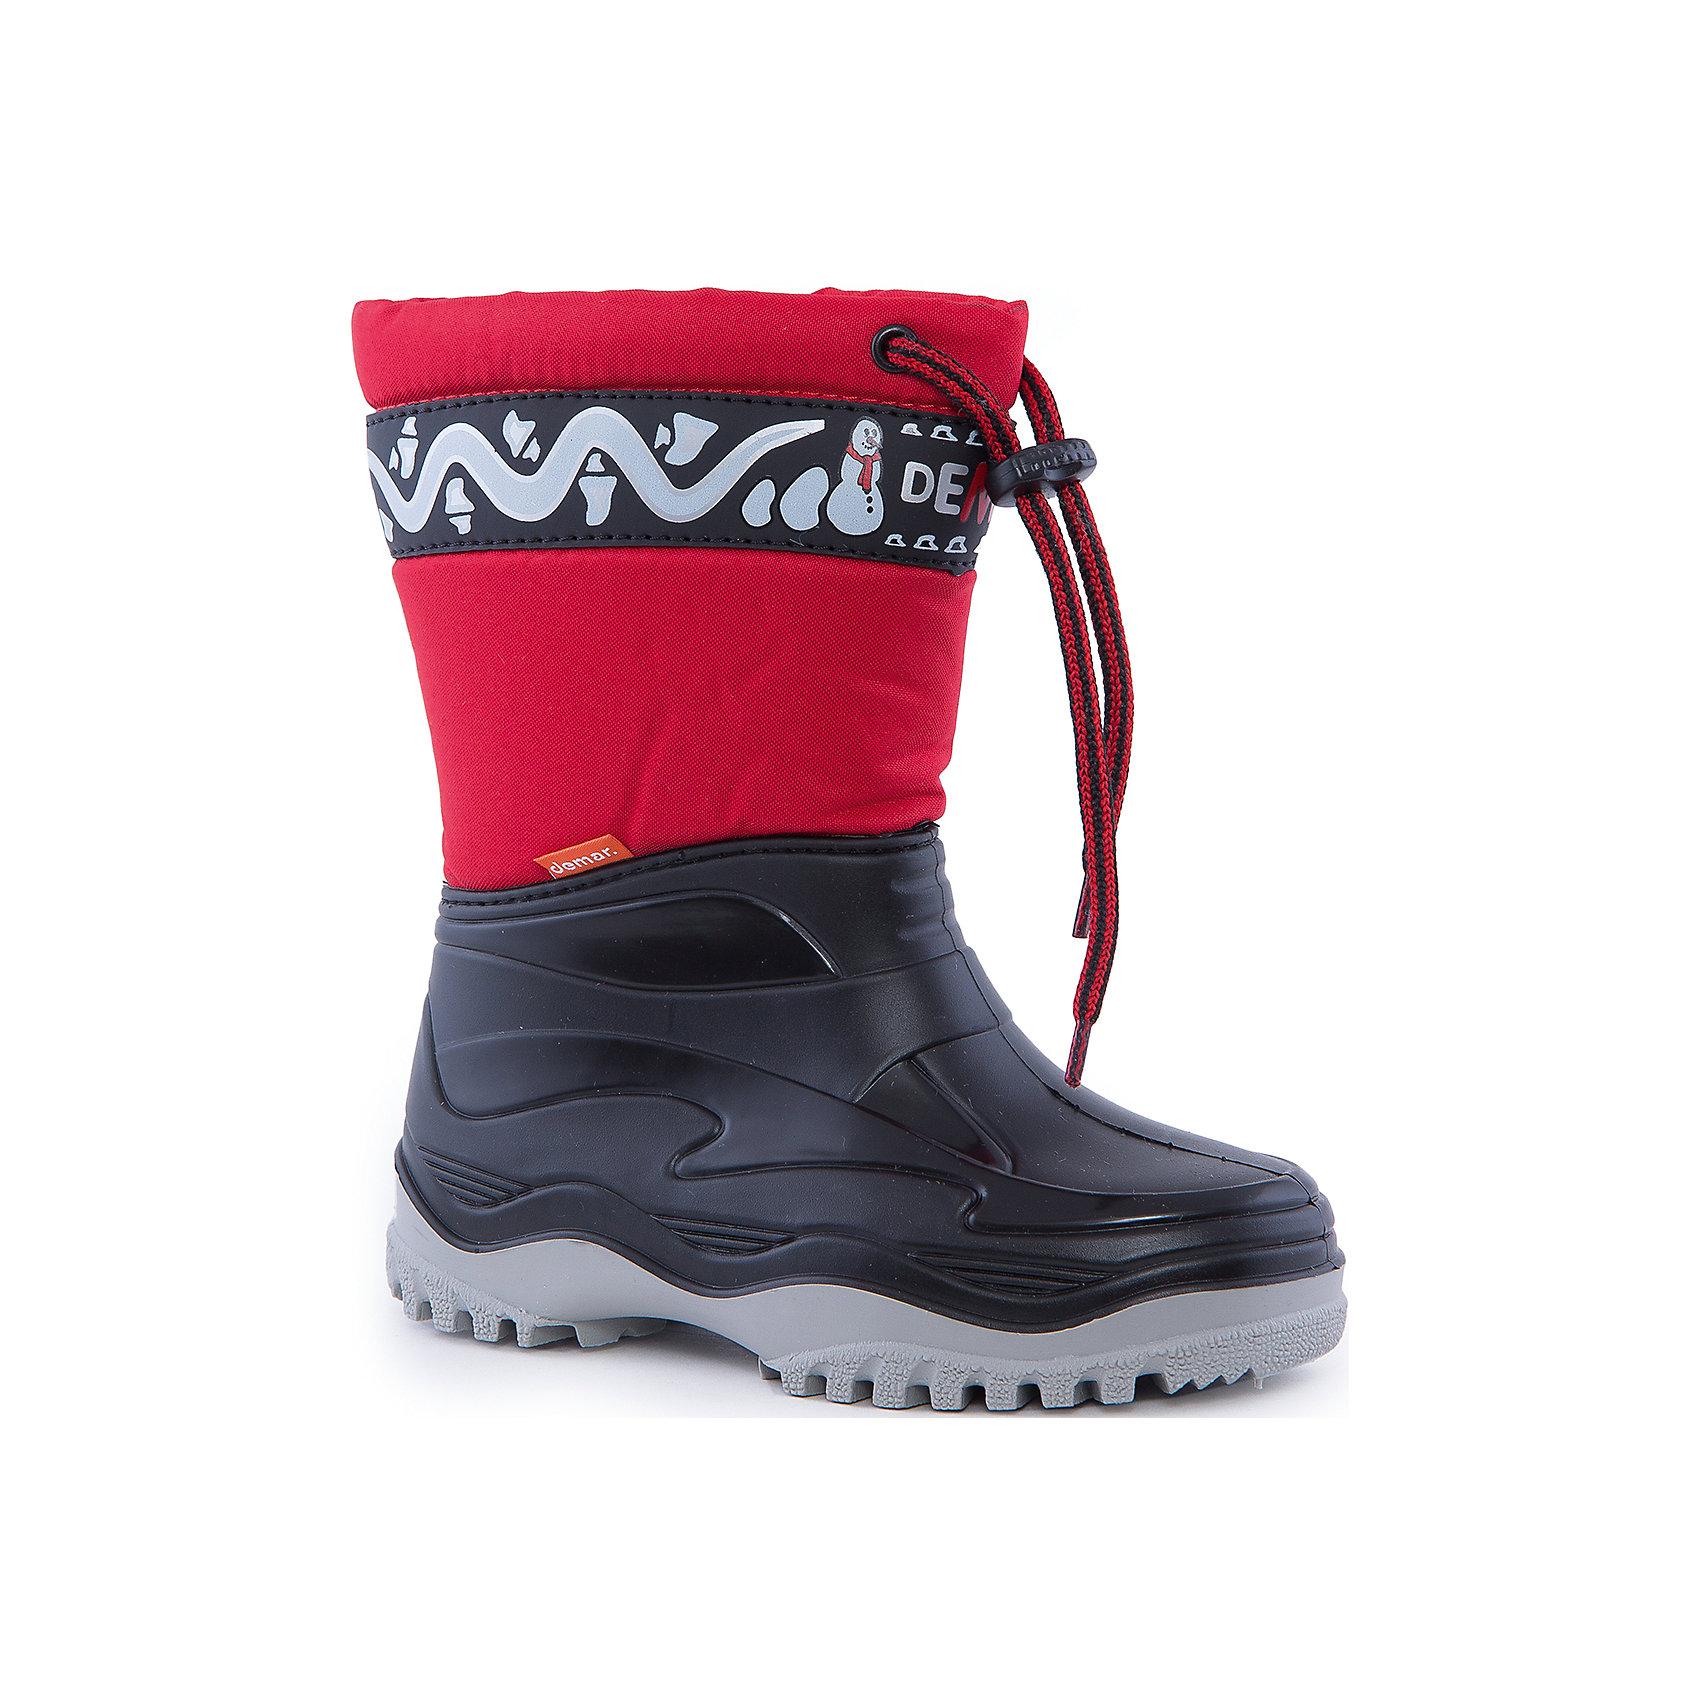 Сапоги Frost DEMARХарактеристики товара:<br><br>• цвет: красный<br>• материал верха: ПВХ<br>• материал подкладки: текстиль <br>• материал подошвы: ПВХ<br>• температурный режим: от 0° до +15° С<br>• верх не продувается<br>• утяжка по верху сапог<br>• утепленный чулок<br>• стильный дизайн<br>• страна бренда: Польша<br>• страна изготовитель: Польша<br><br>Осенью и весной ребенку не обойтись без непромокаемых сапожек! Чтобы не пропустить главные удовольствия межсезонья, нужно запастись удобной обувью. Такие сапожки обеспечат ребенку необходимый для активного отдыха комфорт, а подкладка из текстиля позволит ножкам оставаться теплыми. Сапожки легко надеваются и снимаются, отлично сидят на ноге. Они удивительно легкие!<br>Обувь от польского бренда Demar - это качественные товары, созданные с применением новейших технологий и с использованием как натуральных, так и высокотехнологичных материалов. Обувь отличается стильным дизайном и продуманной конструкцией. Изделие производится из качественных и проверенных материалов, которые безопасны для детей.<br><br>Сапоги от бренда Demar (Демар) можно купить в нашем интернет-магазине.<br><br>Ширина мм: 257<br>Глубина мм: 180<br>Высота мм: 130<br>Вес г: 420<br>Цвет: красный<br>Возраст от месяцев: 60<br>Возраст до месяцев: 72<br>Пол: Унисекс<br>Возраст: Детский<br>Размер: 32/33,30/31,34/35,28/29,26/27<br>SKU: 4916661